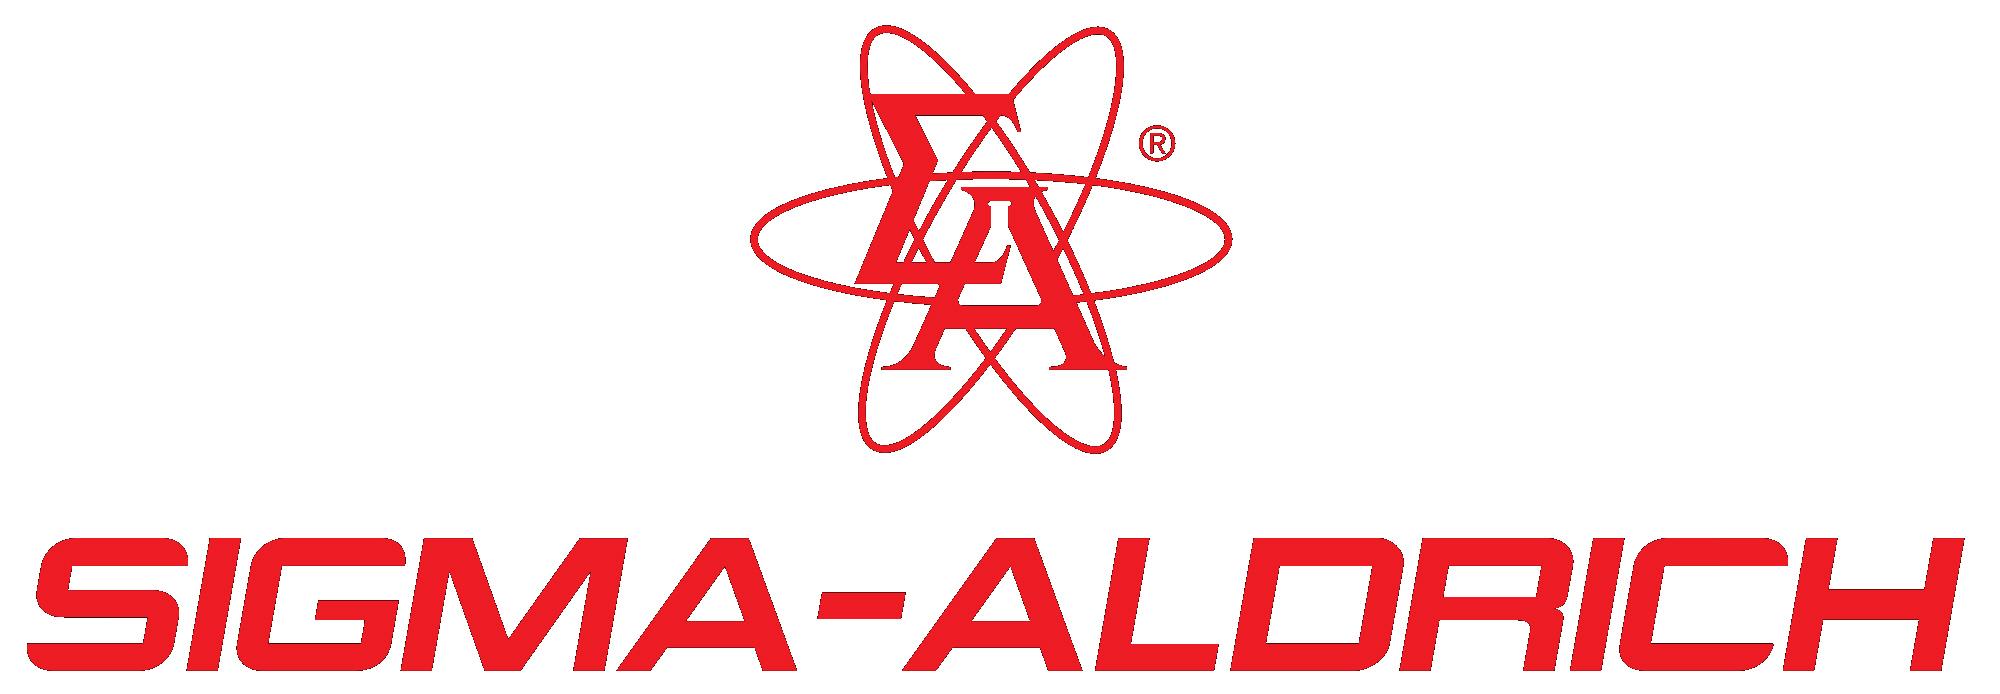 Sigma-Aldrich_logo.jpg